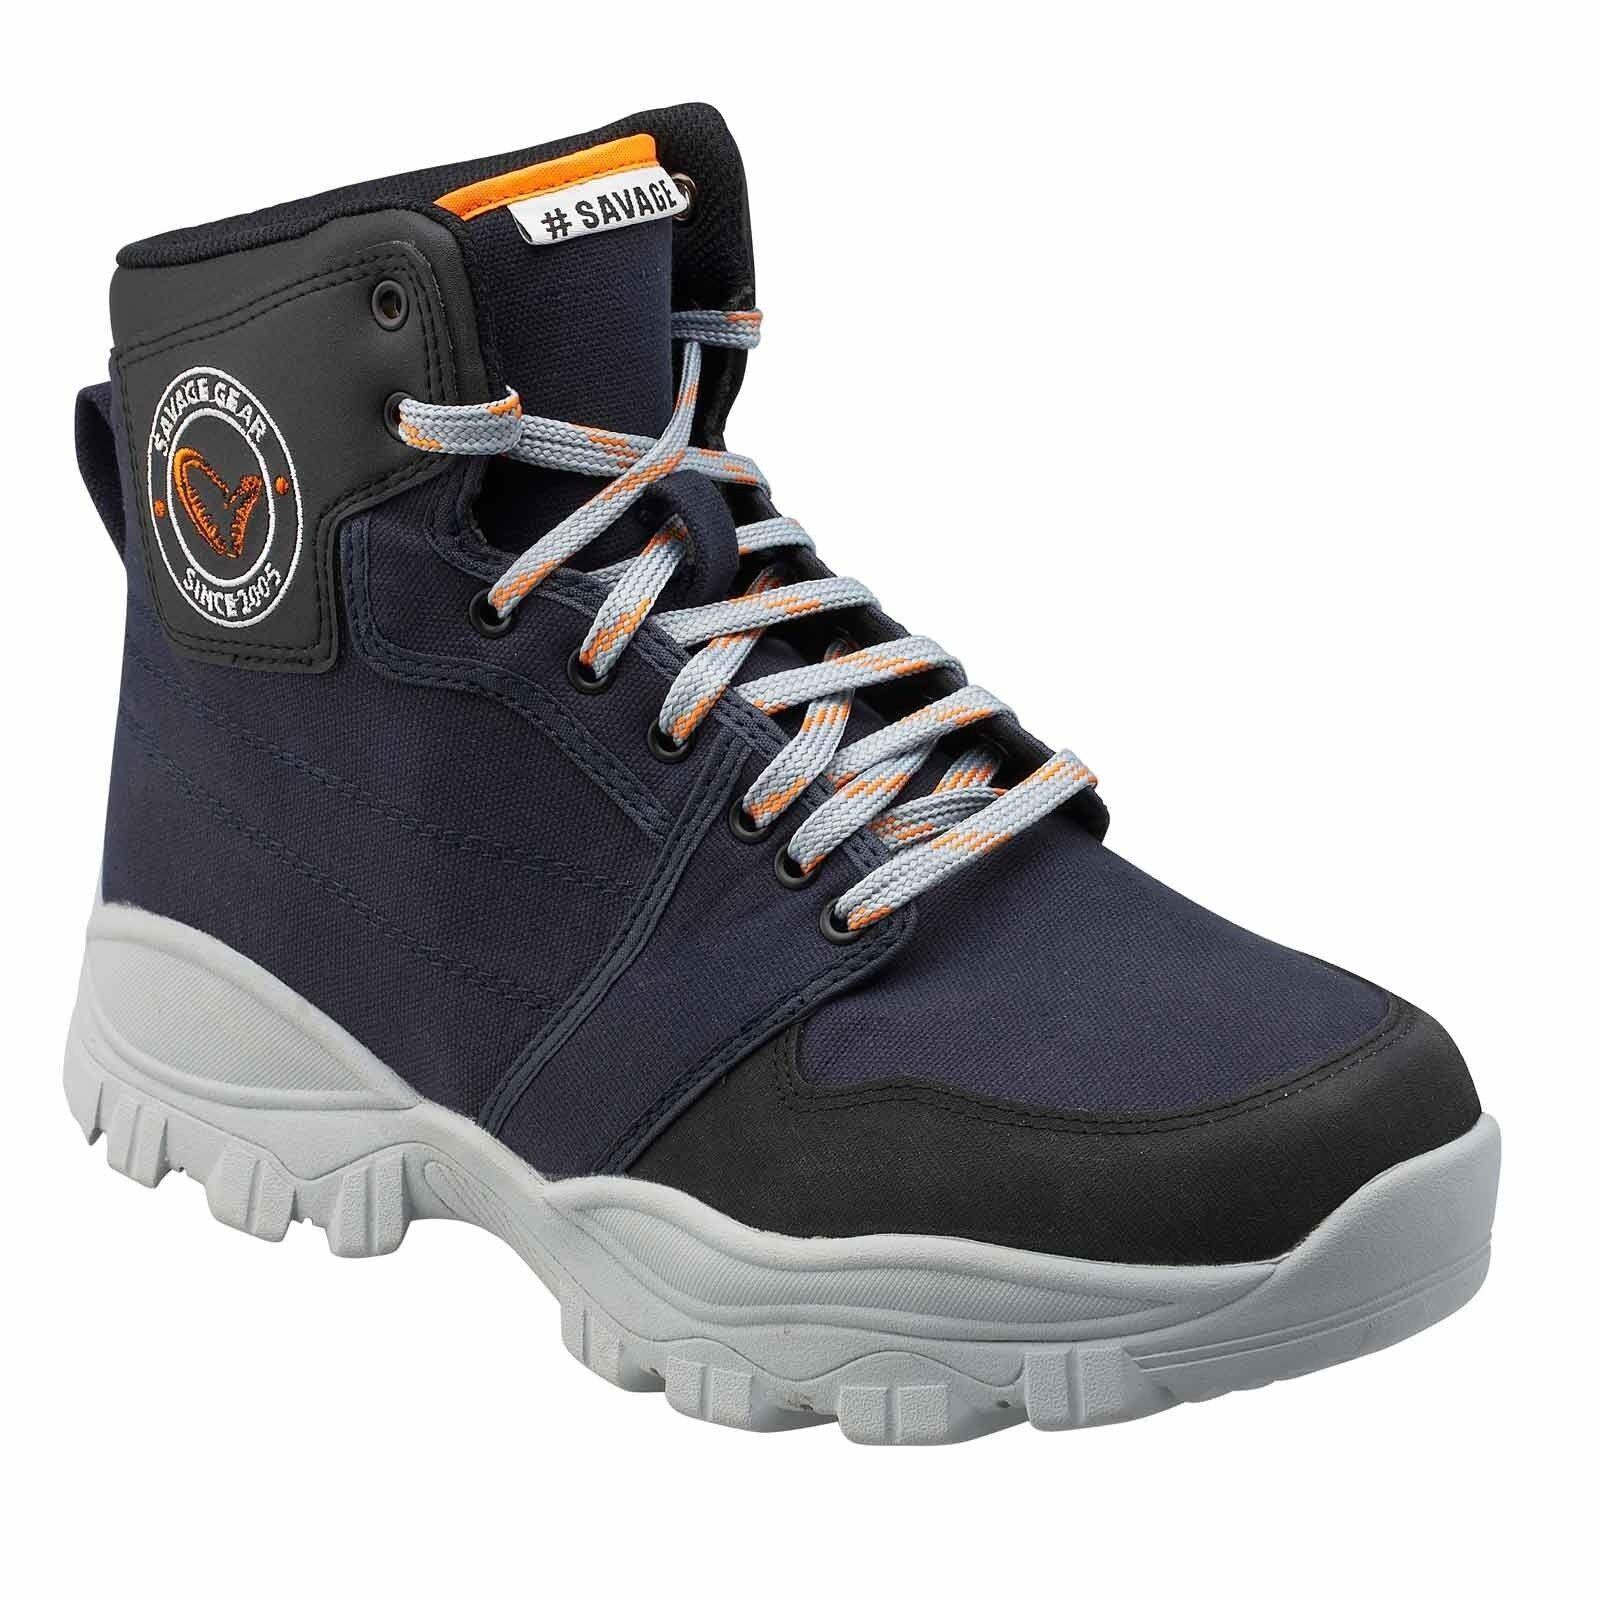 Savage Gear watscarpe -  savage scarpe da ginnastica Wading scarpe taglia 44